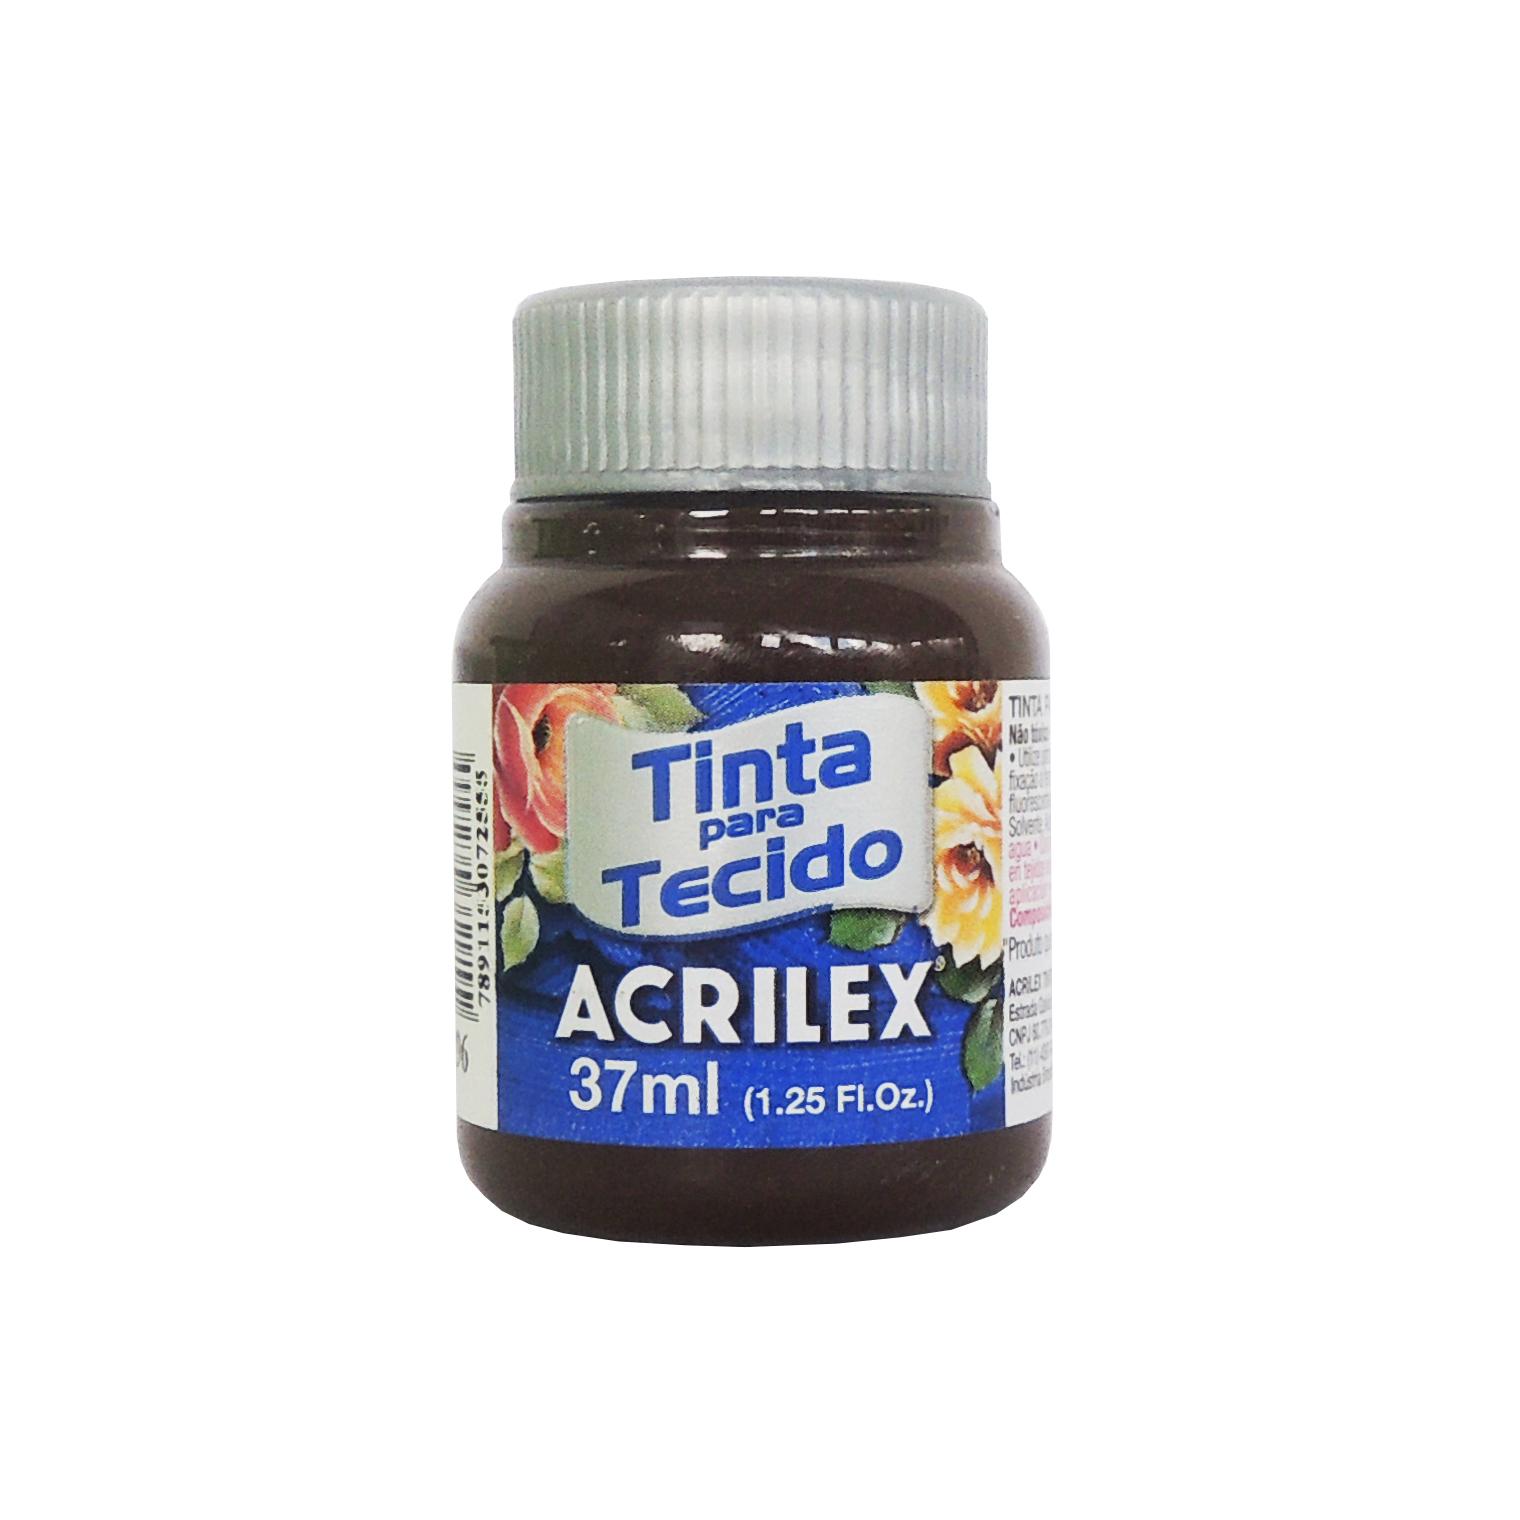 tinta-para-tecido-acrilex-37ml-896-rustico